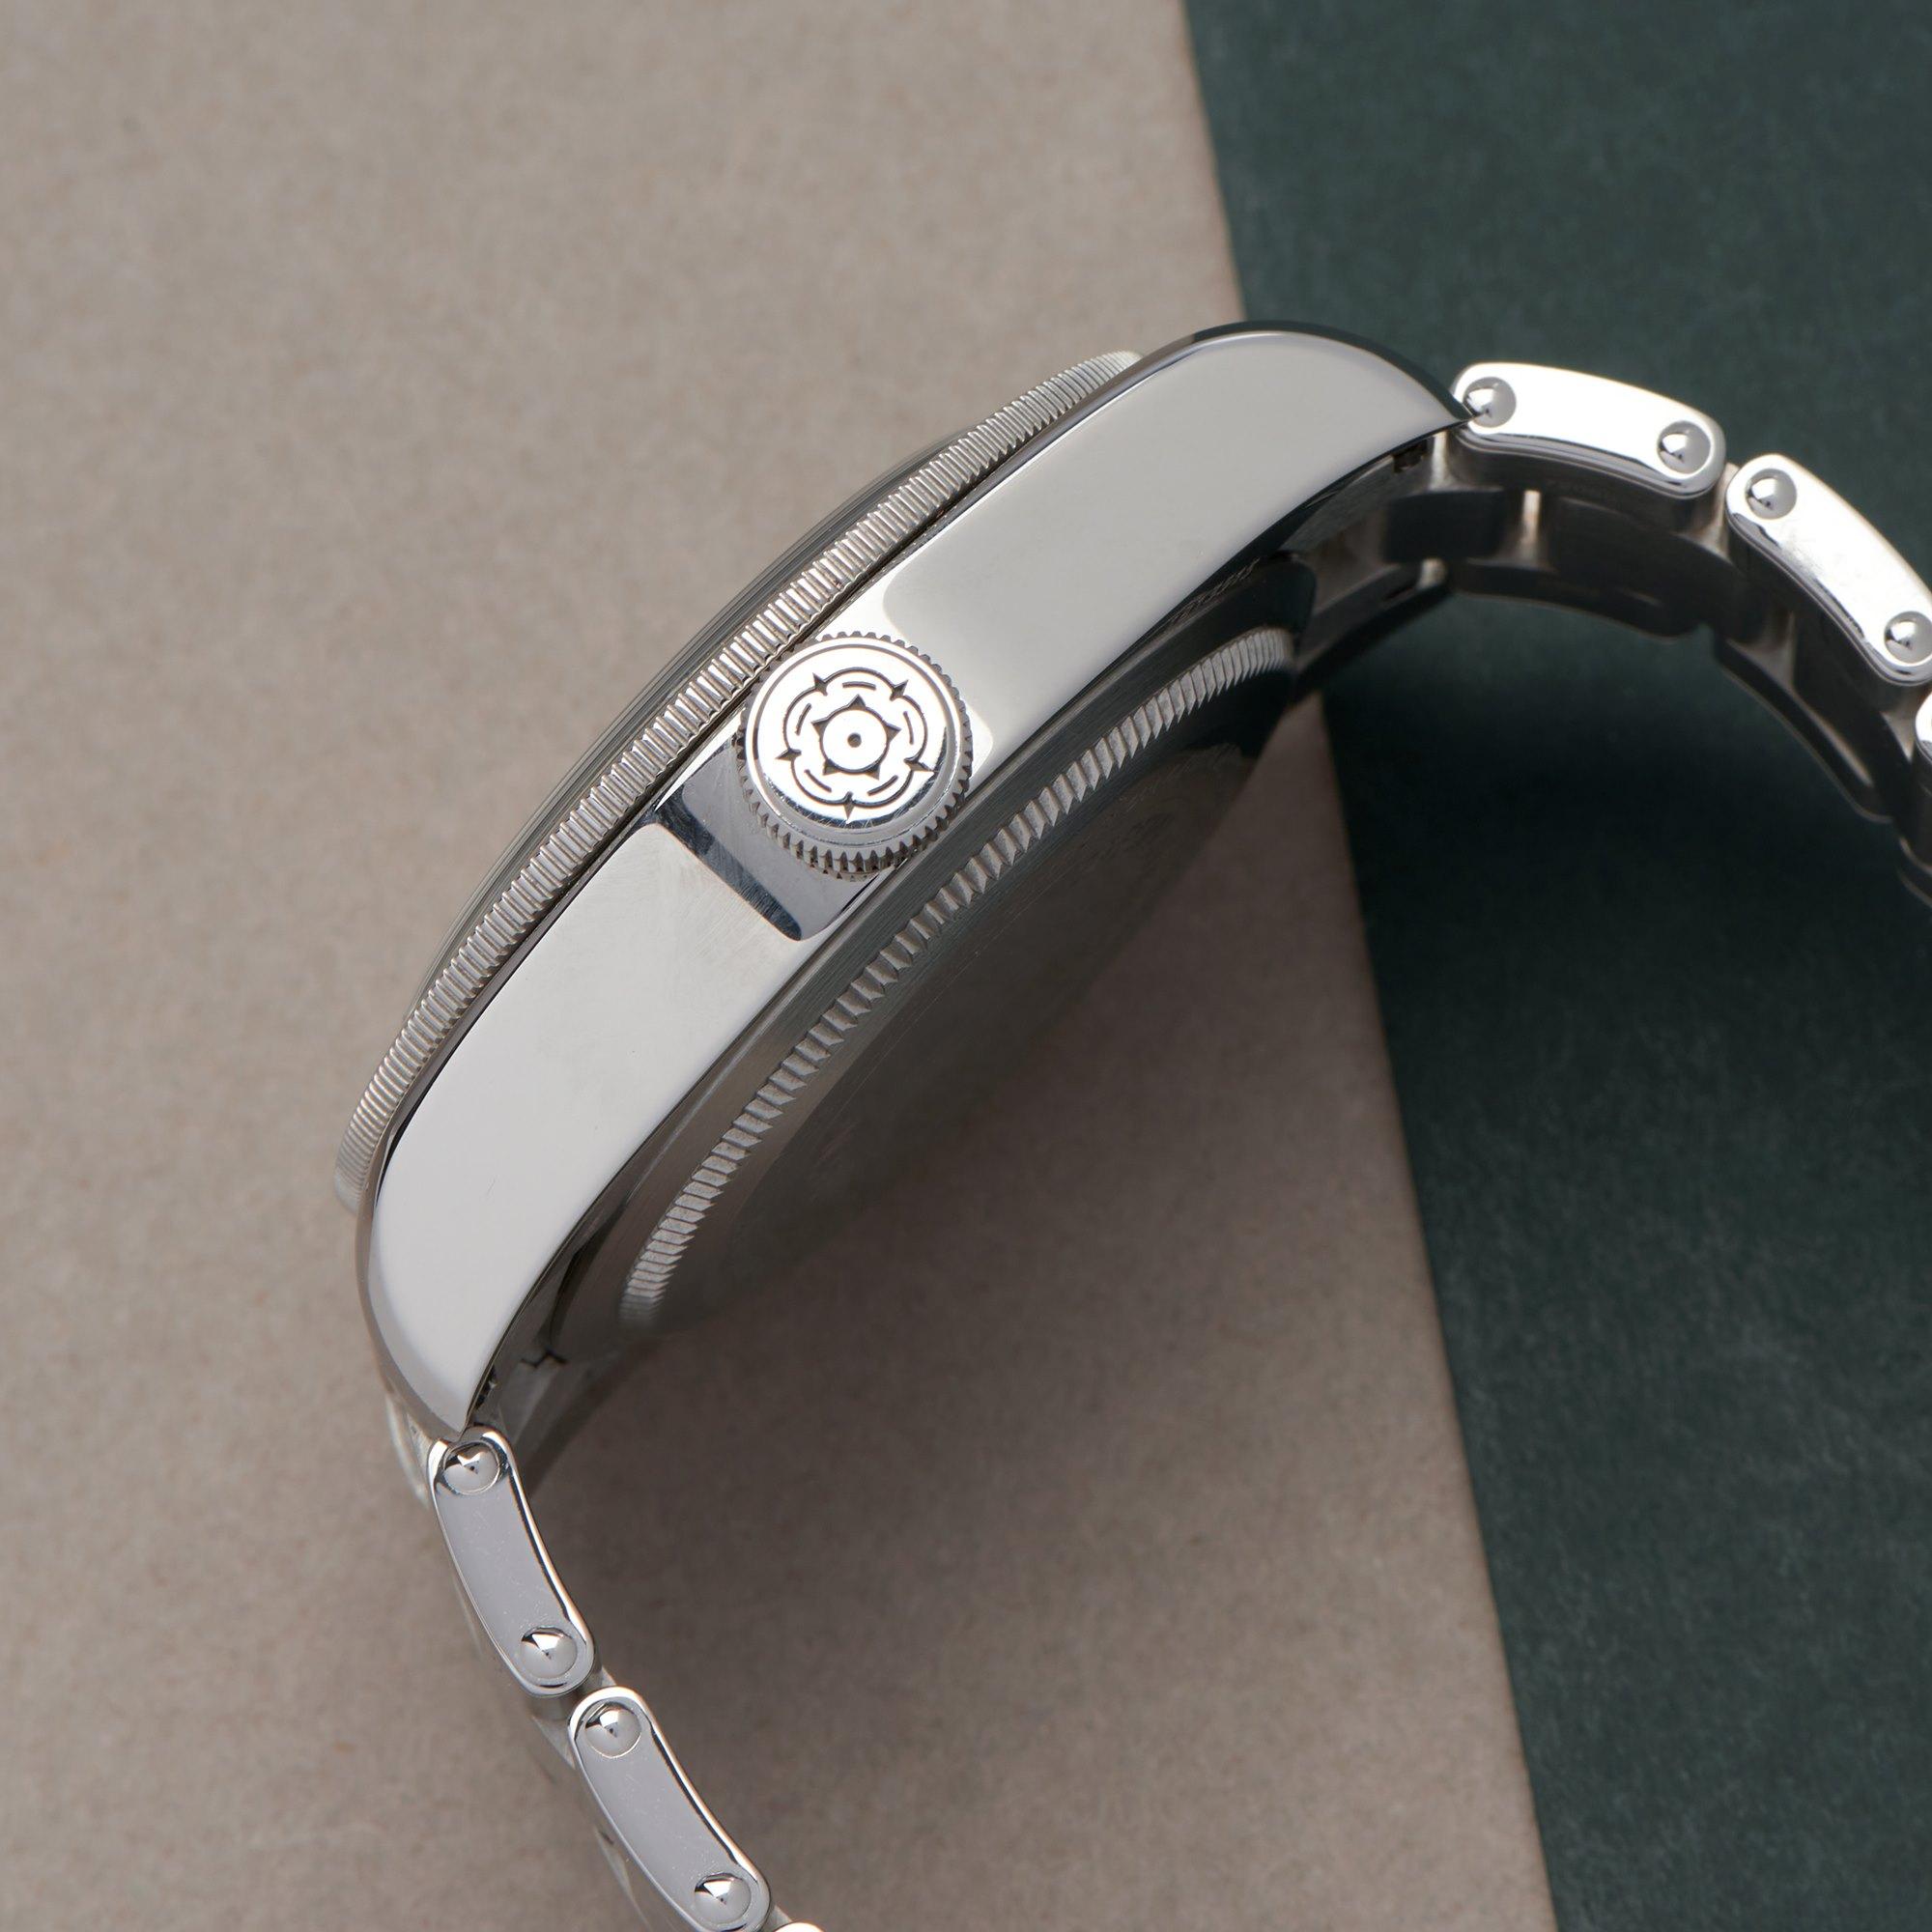 Tudor Black Bay Stainless Steel 79230G